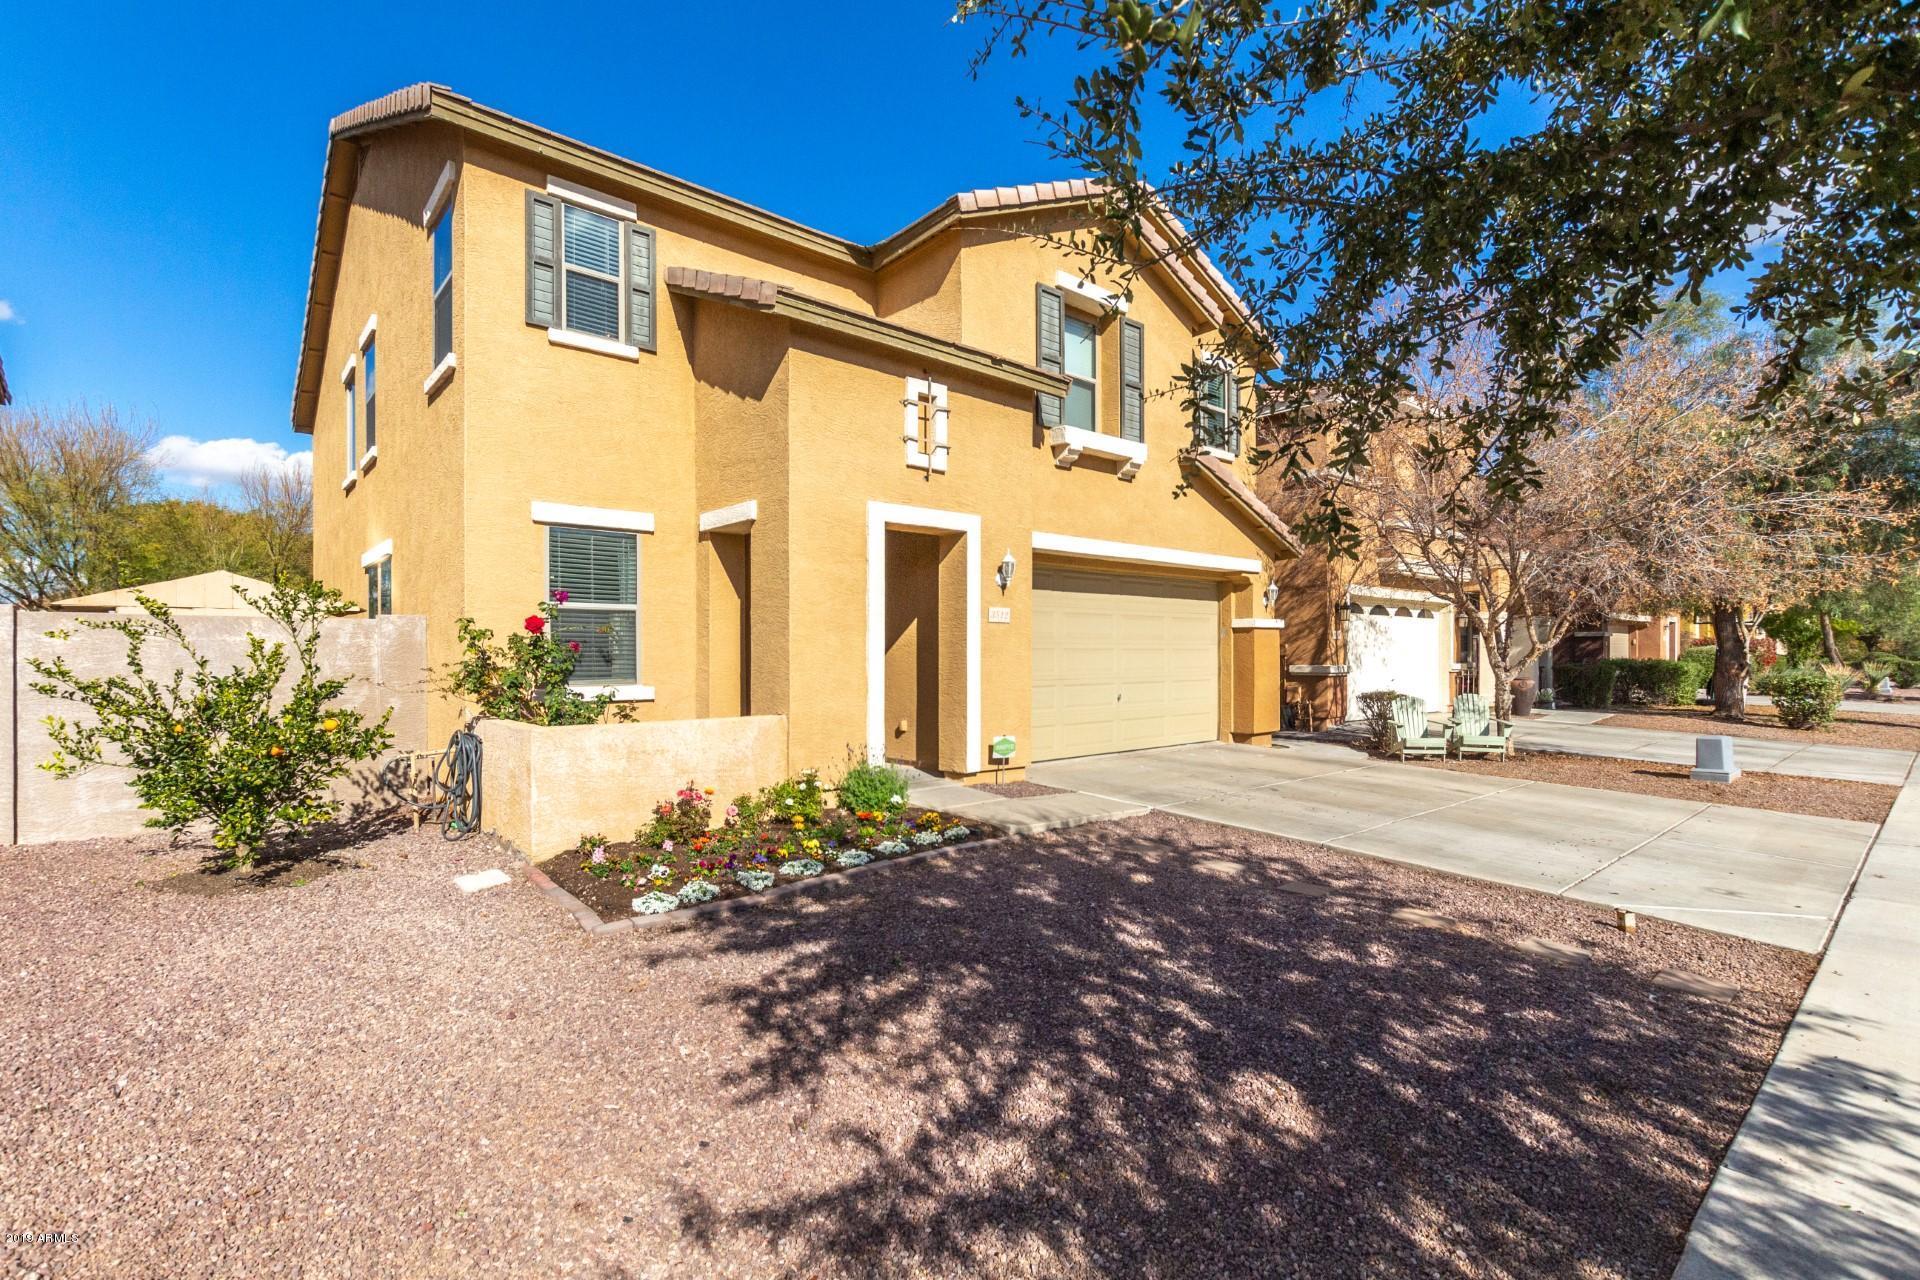 Photo of 3512 E MELODY Lane, Gilbert, AZ 85234